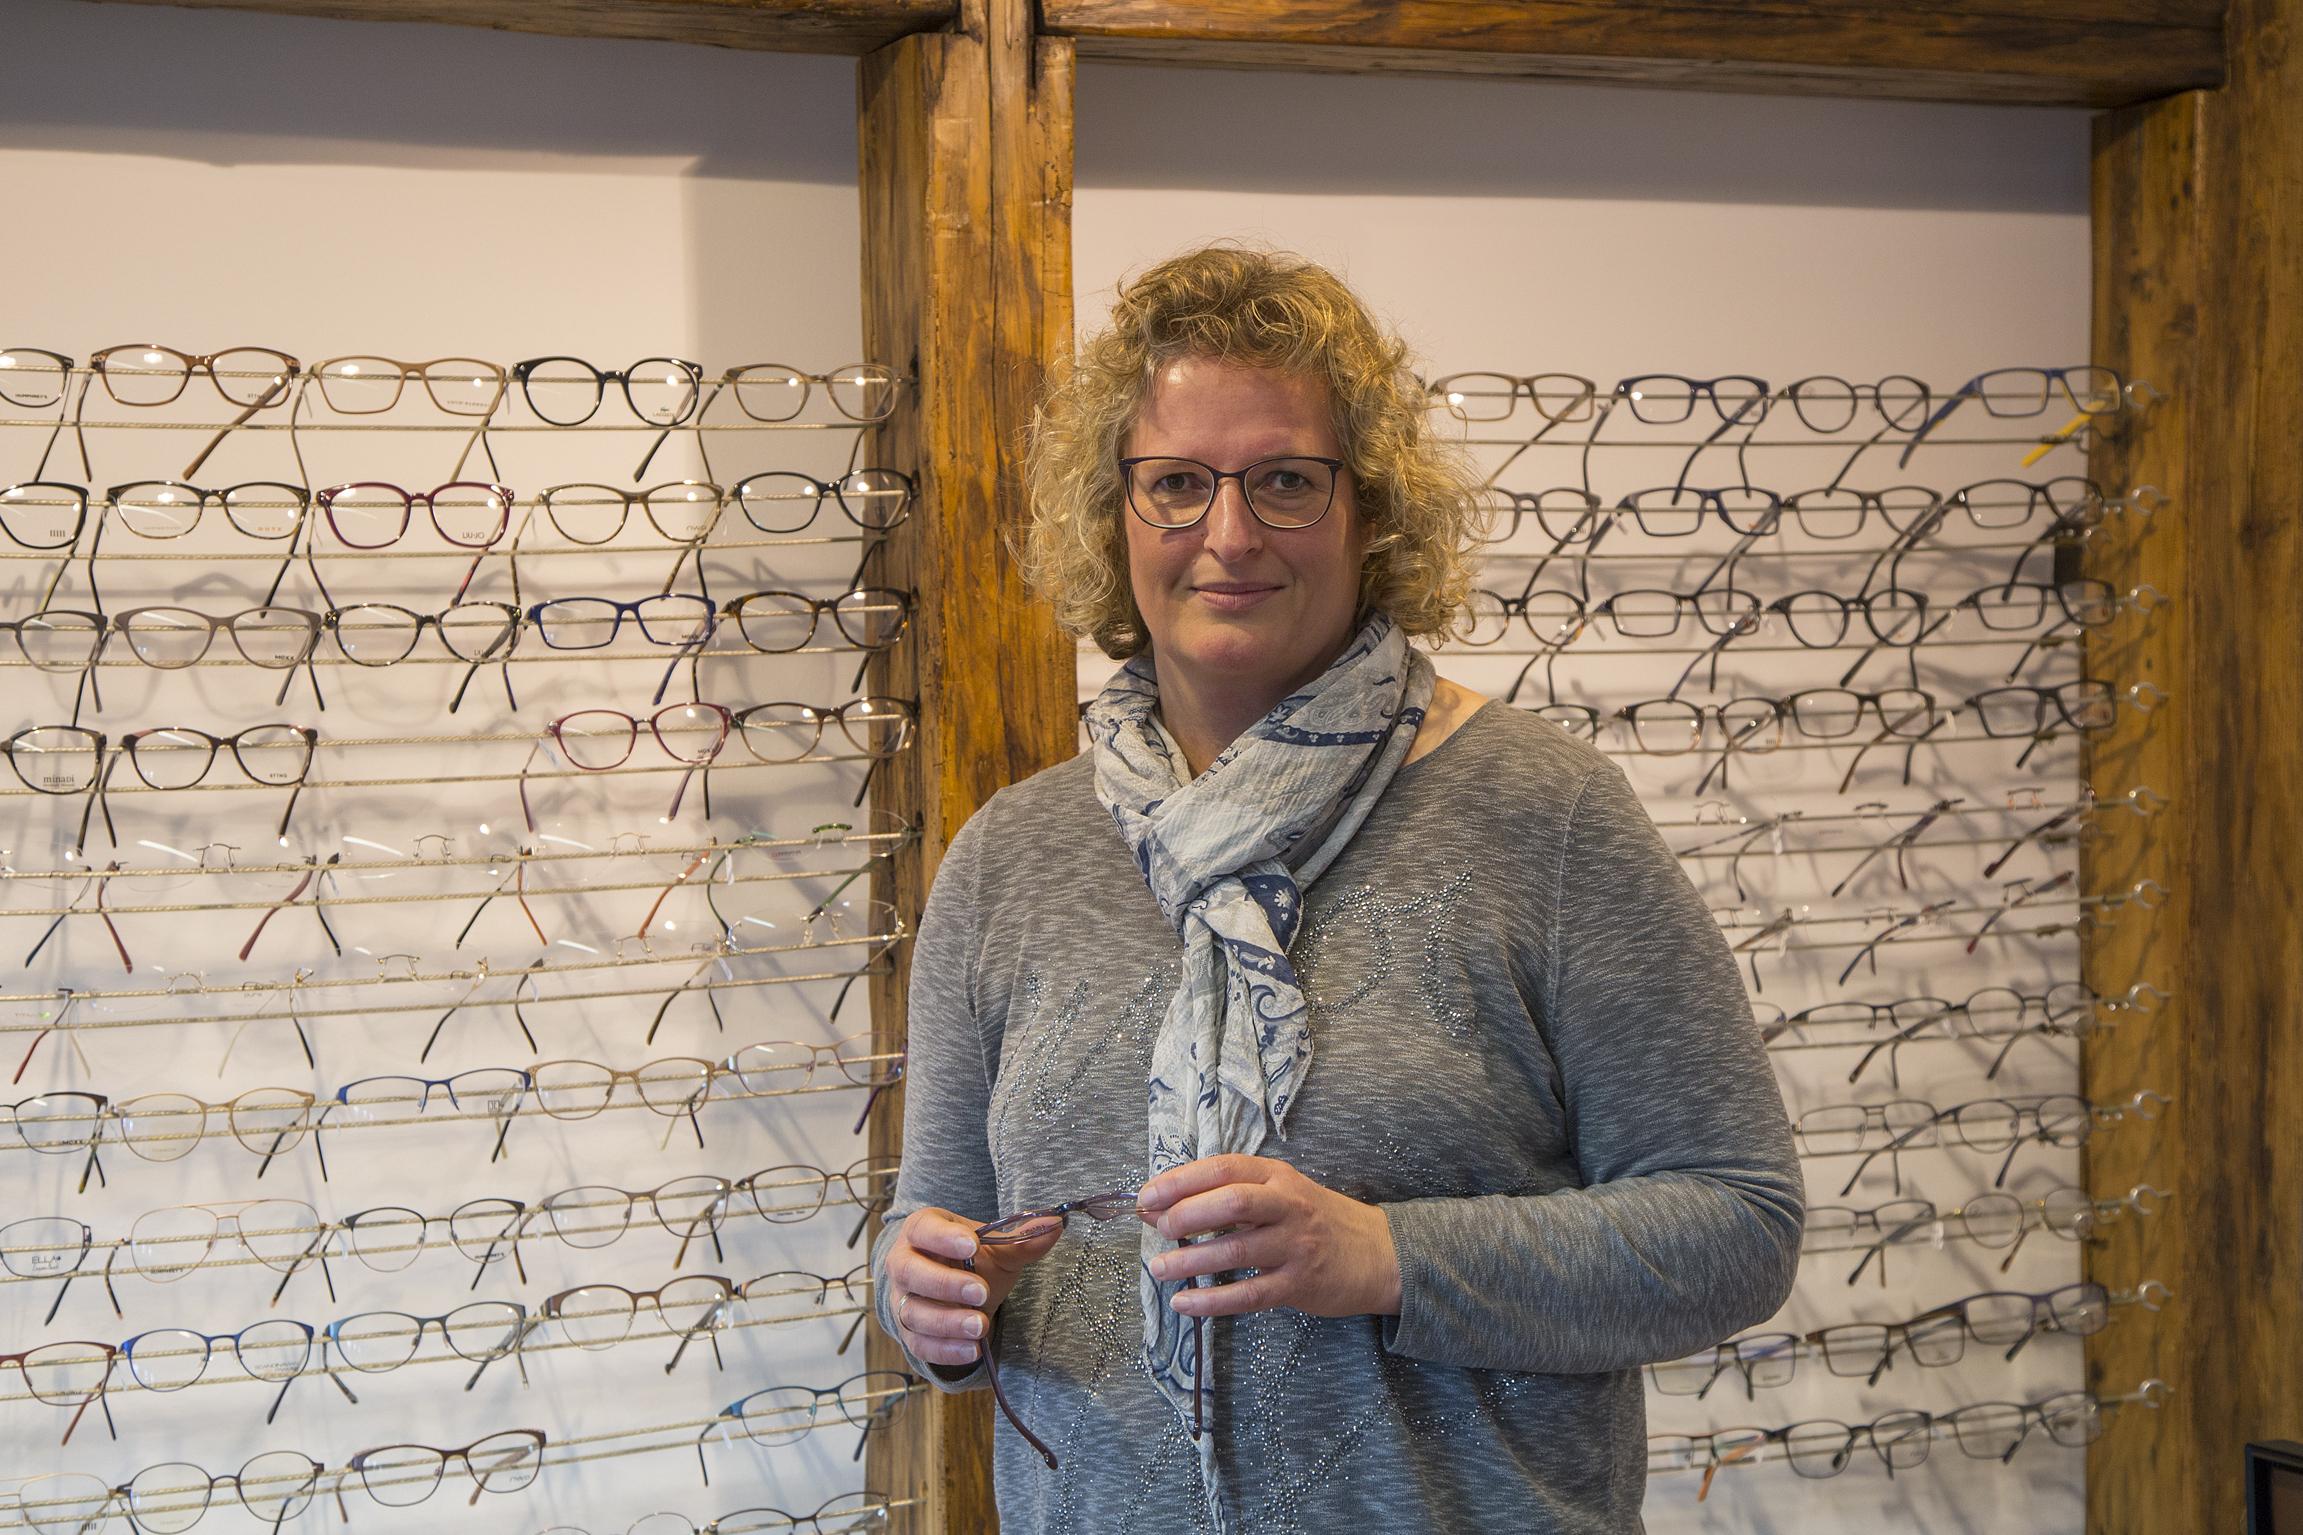 Versteckte Sehprobleme führen besonders bei Kindern zu Konzentrationsstörungen, Lese- und Rechenschwächen und motorischen Problemen. Neben speziellen Untersuchungen bieten Christina Flegl und ihr Team auch ein Sehfunktionstraining an.